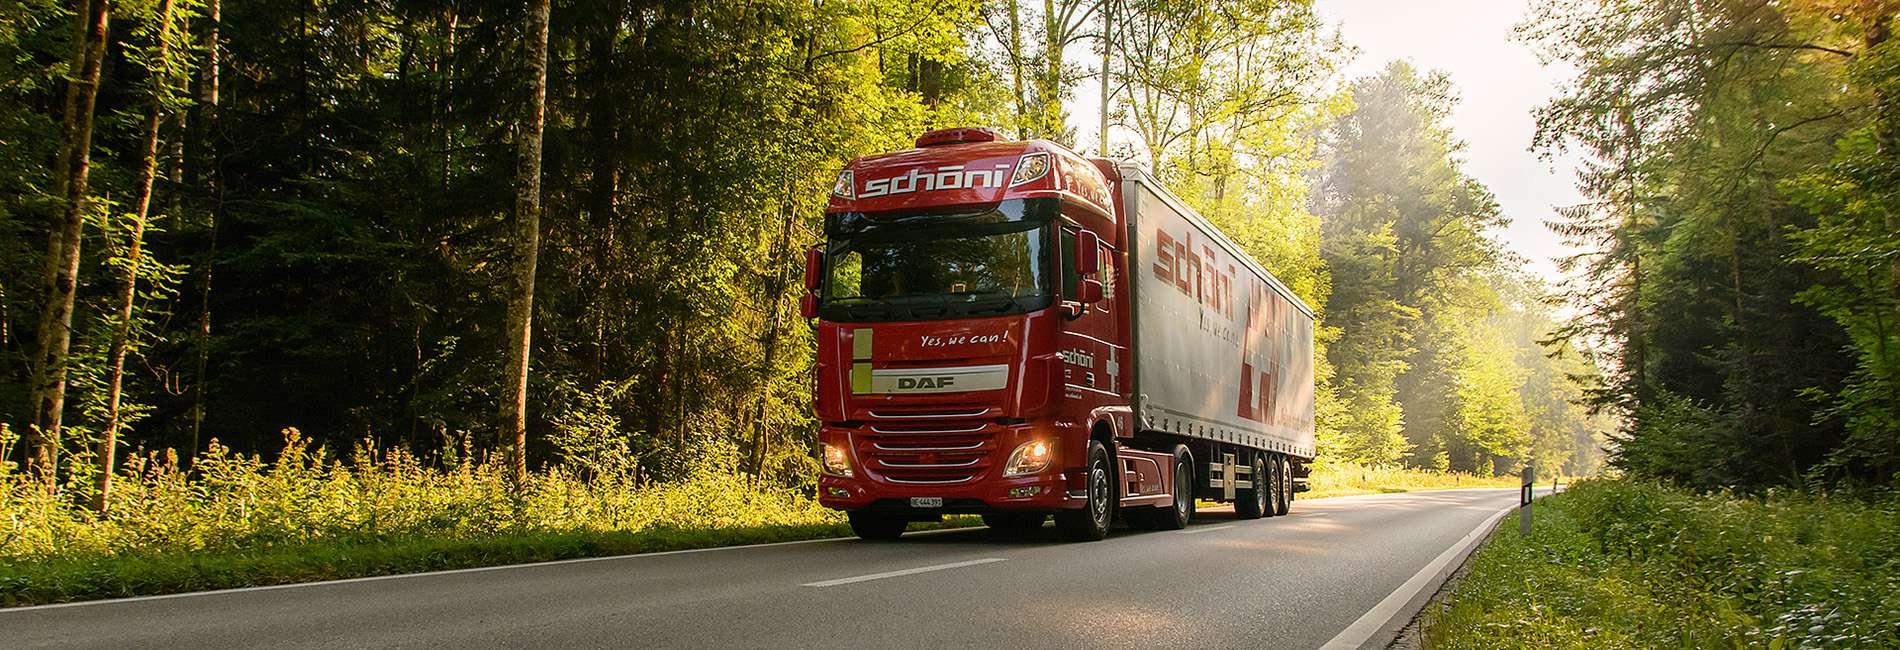 Schöni Transport AG Auflieger im Wald